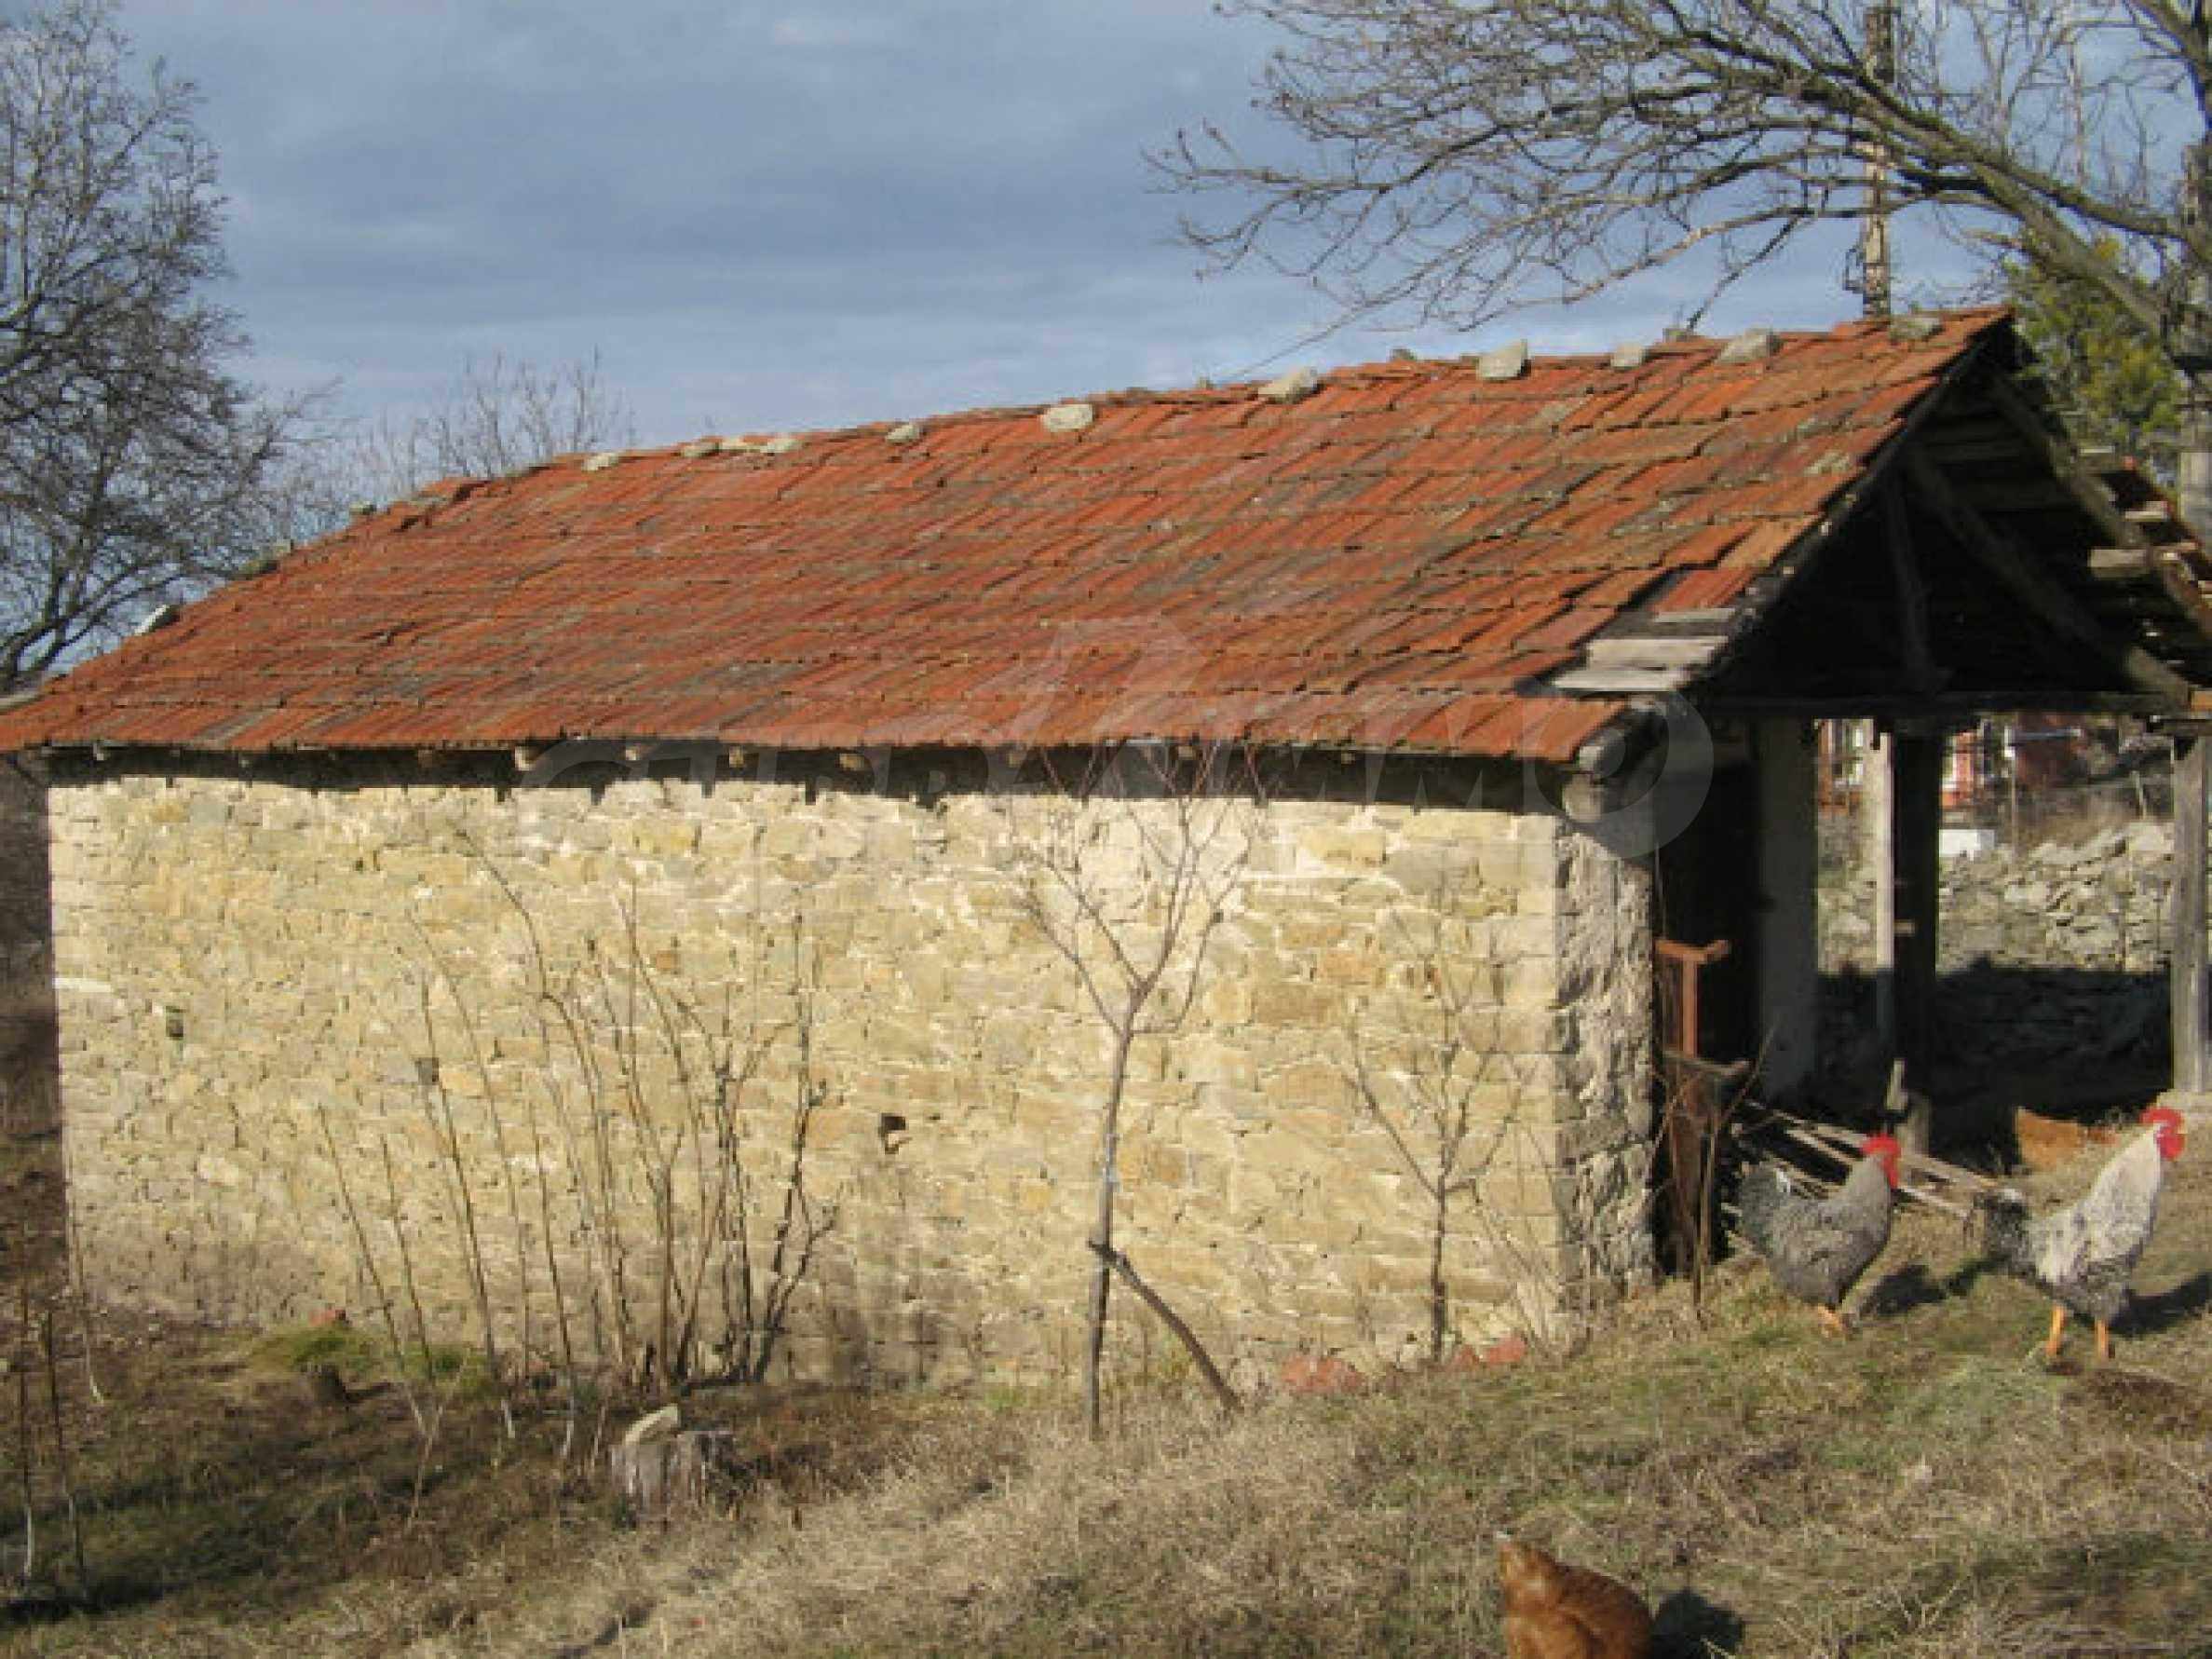 Ein Grundstück zum Verkauf in einem Dorf 32 km von Kardjali entfernt